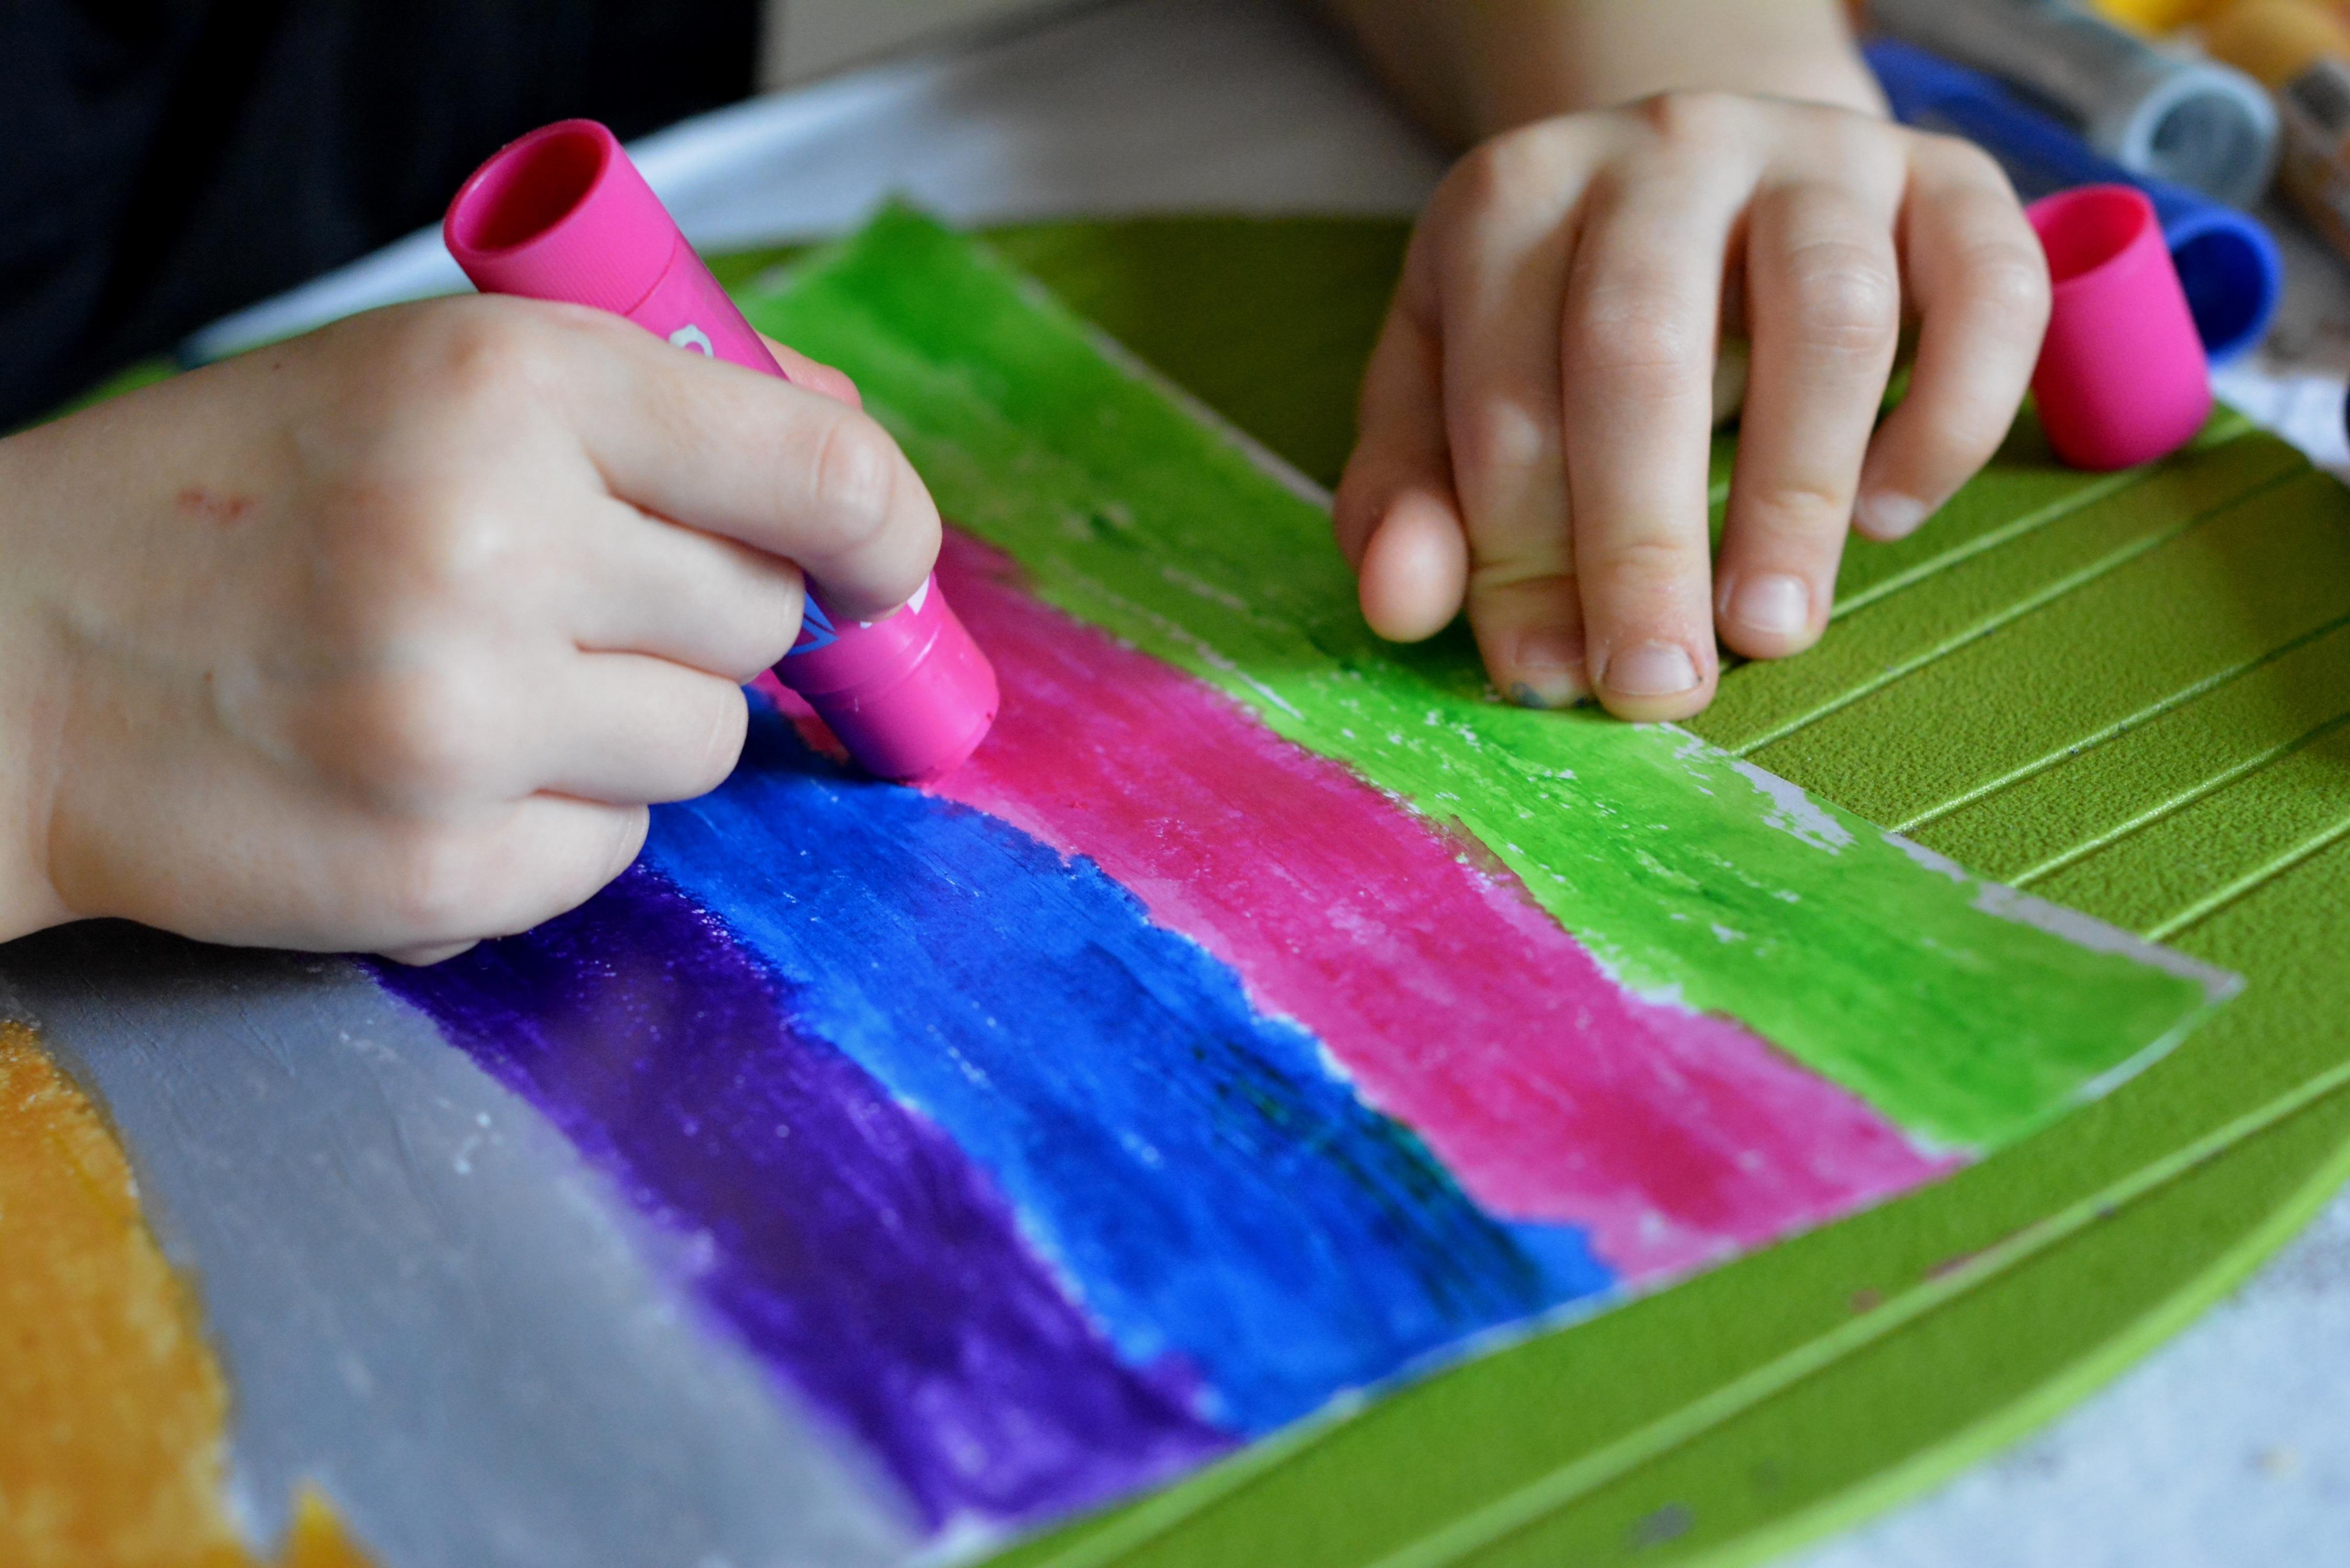 Fotos gratis : mano, jugar, flor, pétalo, dedo, comida, color, niño ...